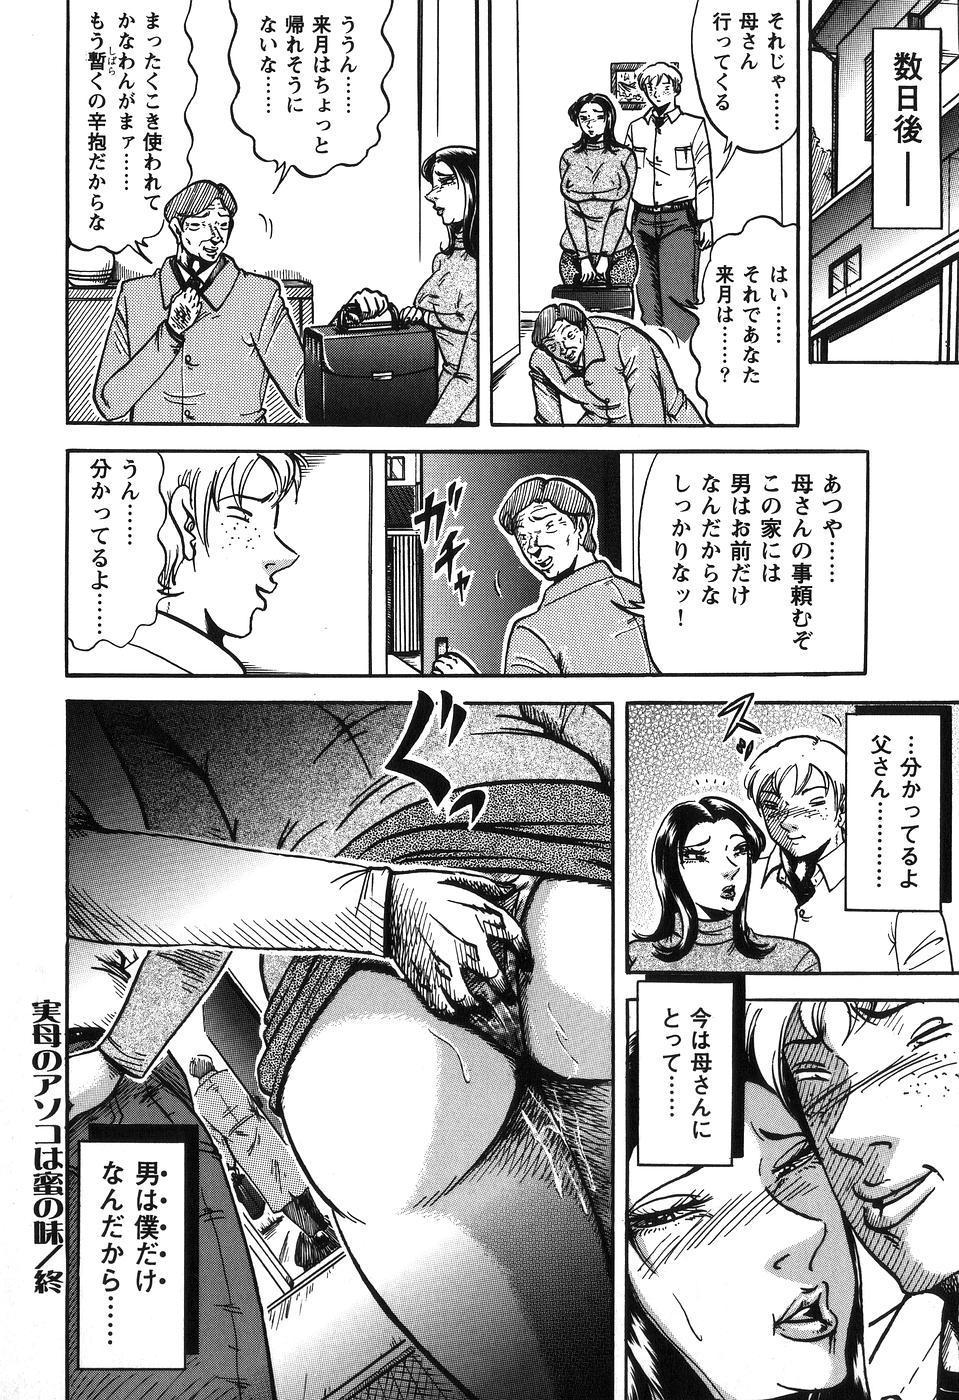 Jukubo Soukan Yosoji no Tawamure 133